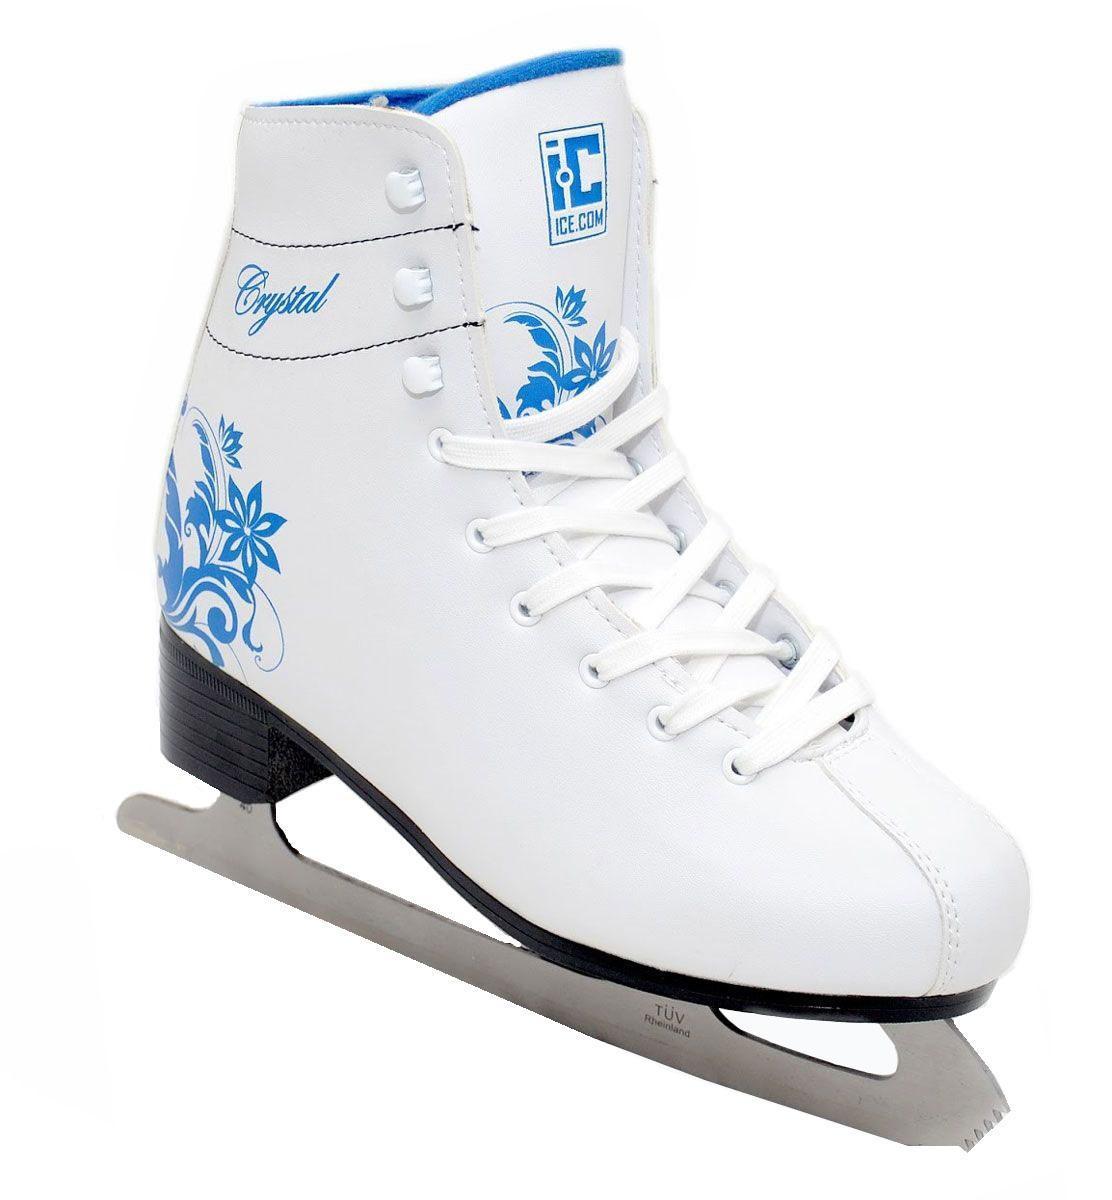 Коньки фигурные детские Ice.Com Crystal 2014-2015, цвет: синий, белый. Размер 32Crystal 2014-2015Высокий классический ботинок идеально подойдет для начинающих. Конструкция ботинка разработана специально с учетом того что нога при катании должна находиться в полусогнутом состоянии и голень имеет небольшой наклон вперед. Верх ботинка выполнен из морозостойкой искусственной кожи, подошва - морозостойкий ПВХ. Стальное никелированное высокопрочное лезвие, сертифицировано TUV. Для того, чтобы Вам максимально точно подобрать размер коньков, узнайте длину стопы с точностью до миллиметра. Для этого поставьте босую ногу на лист бумаги А4 и отметьте на бумаге самые крайние точки Вашей стопы (пятка и носок). Затем измерьте обычной линейкой расстояние (до миллиметра) между этими отметками на бумаге. Не забудьте учесть 2-3 мм запаса под носок.